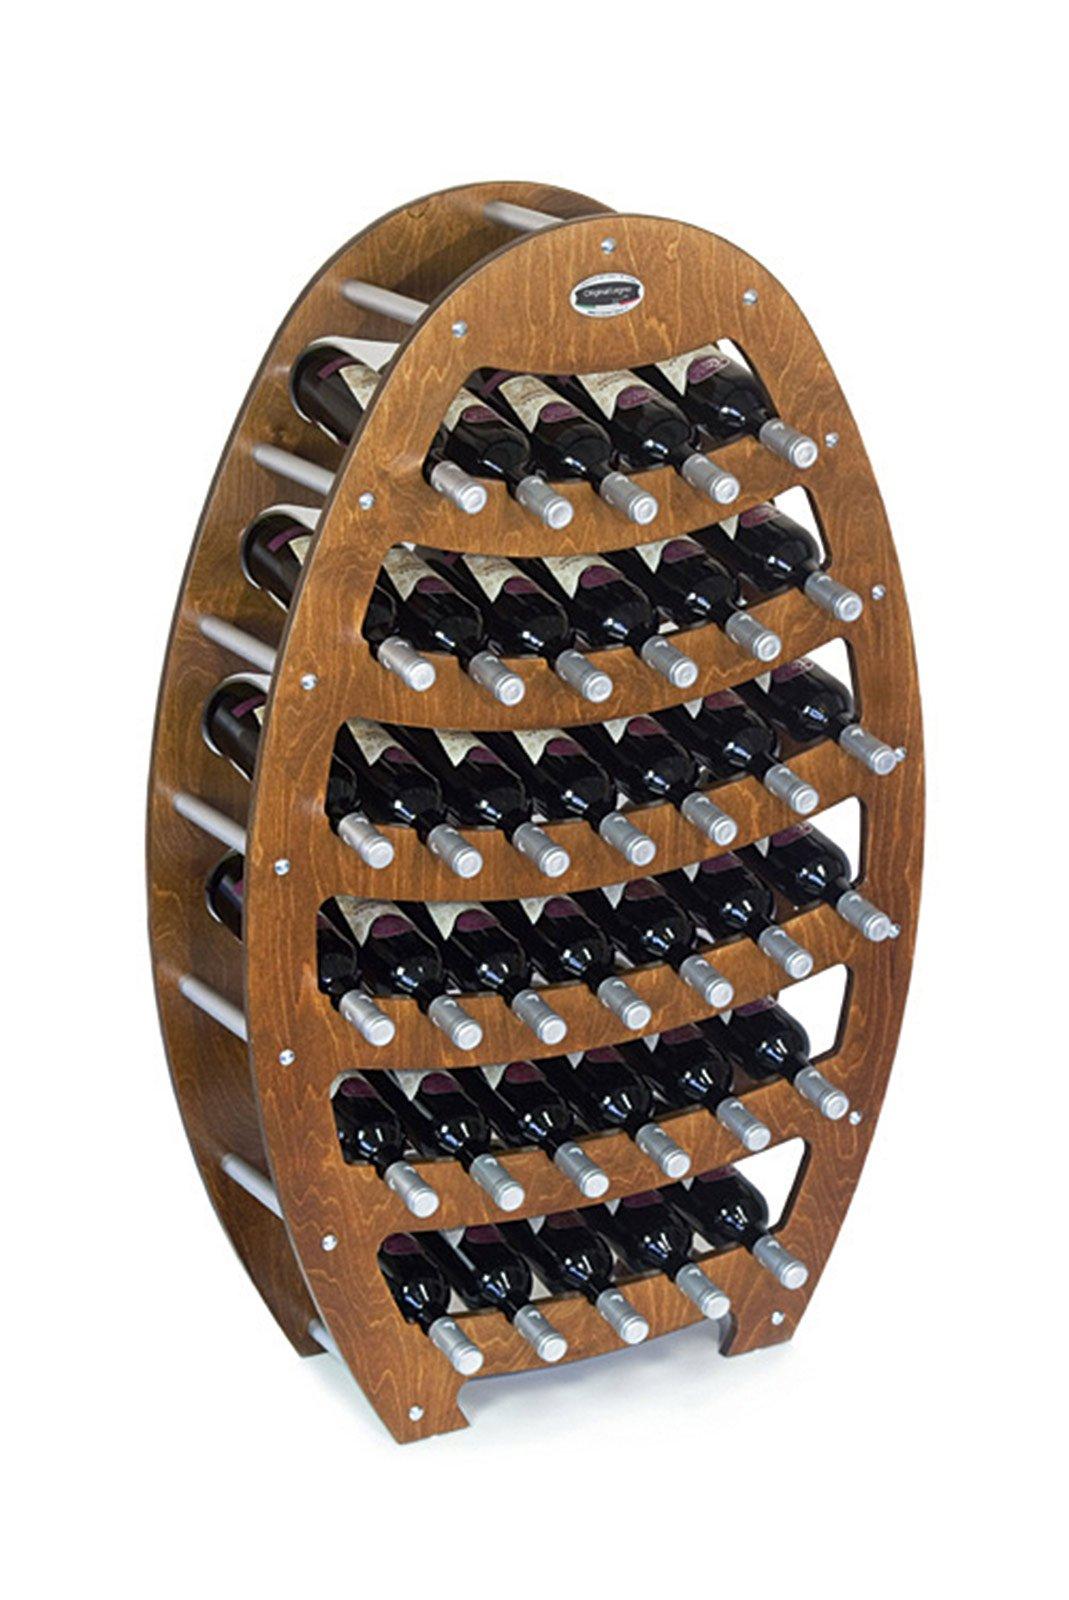 cantinetta vino enoteca privata : Offre posto a 36 bottiglie la cantinetta Botte B. 36 di Original legno ...